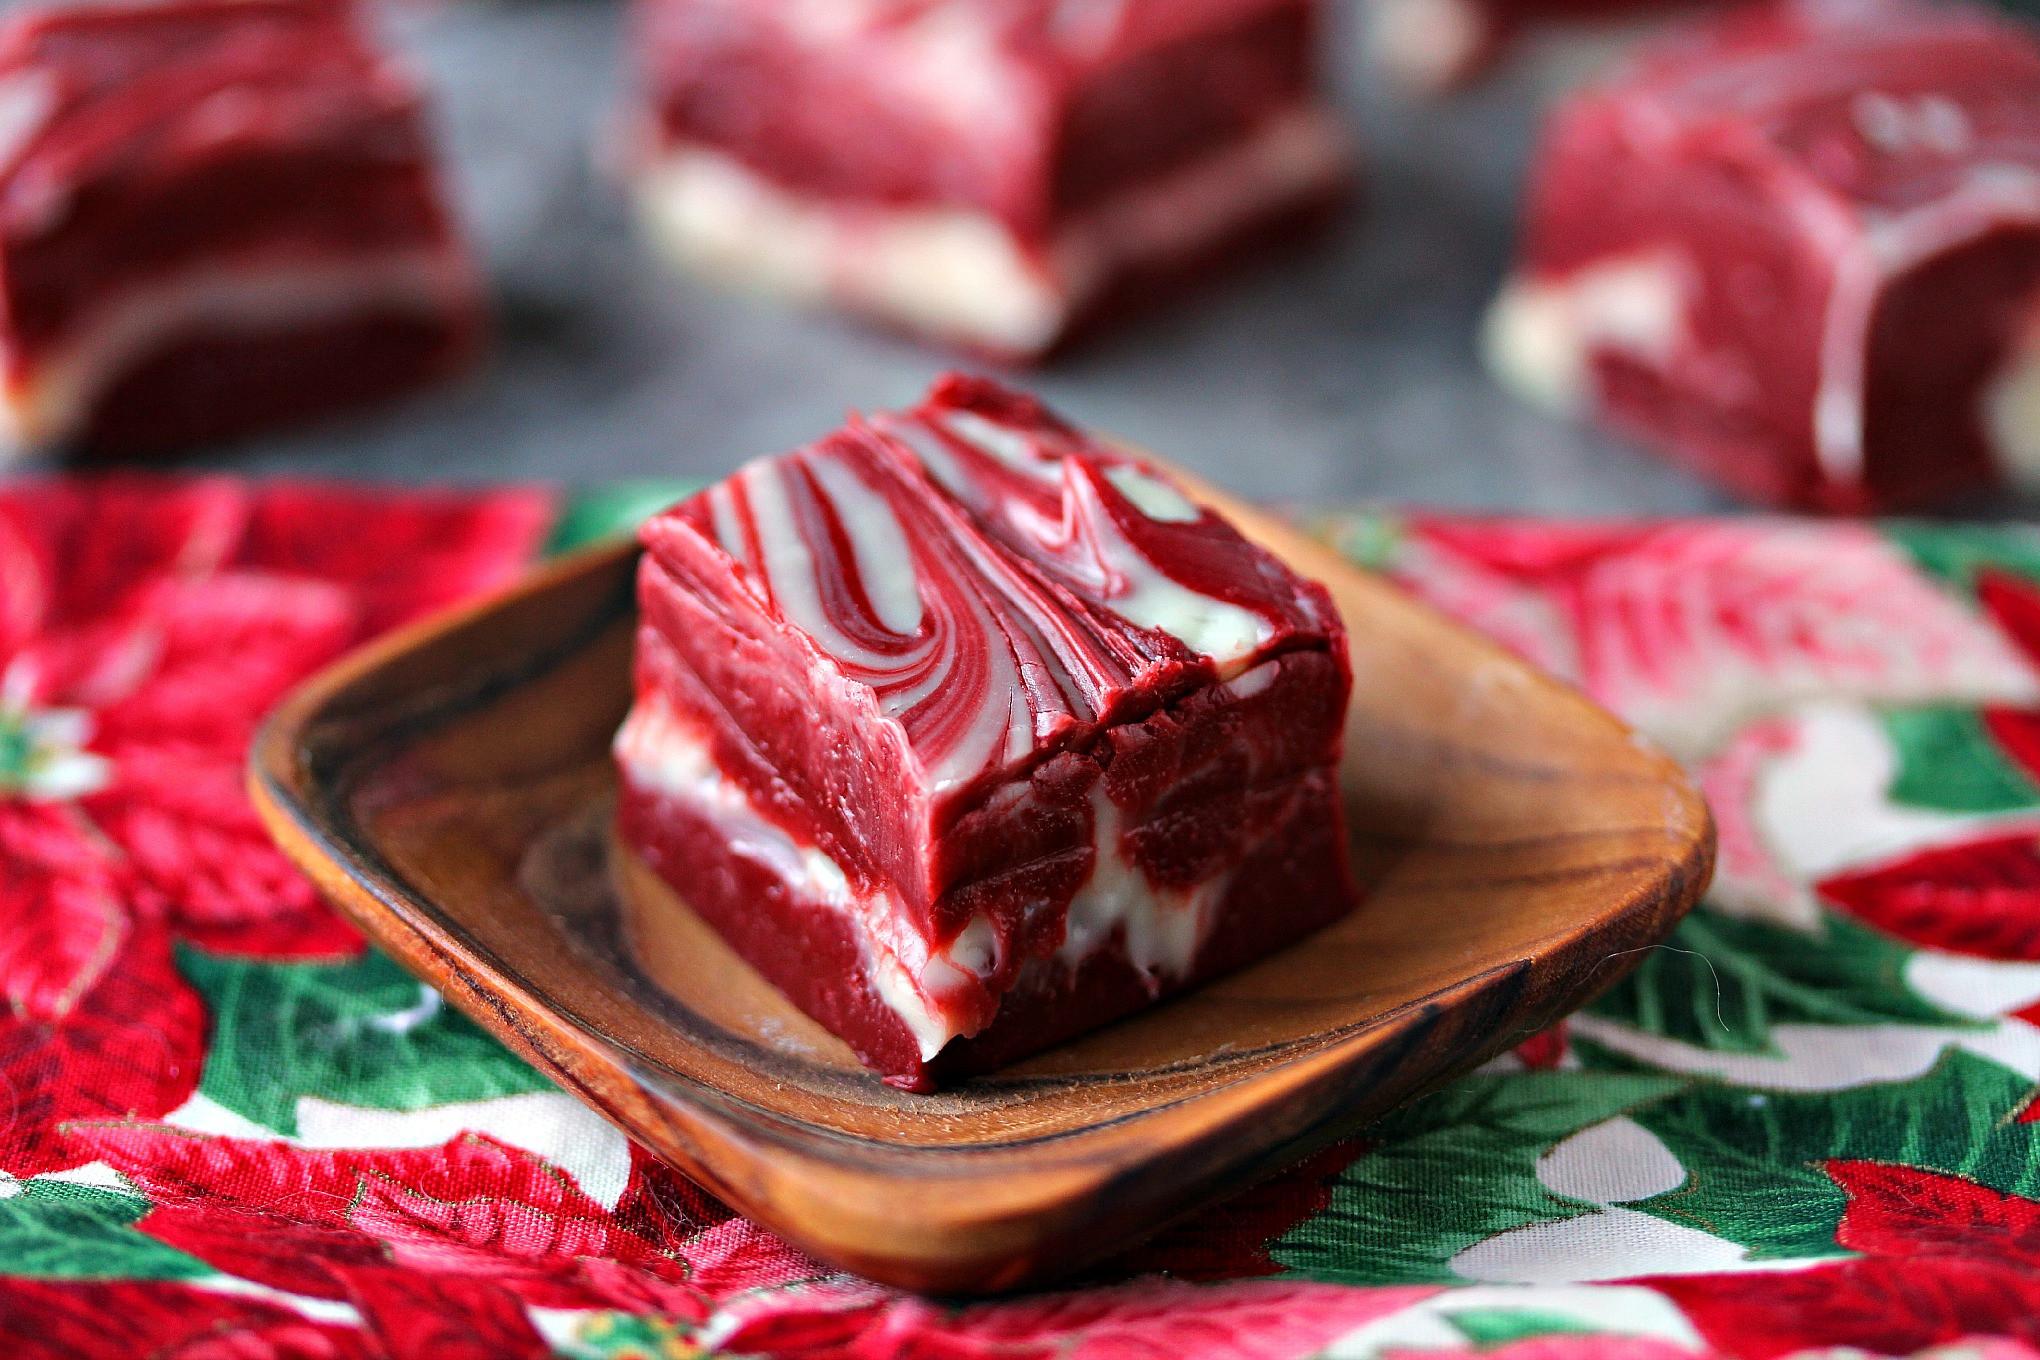 Christmas Swirl Fudge  Red Velvet Swirl Fudge 4 Ingre nts